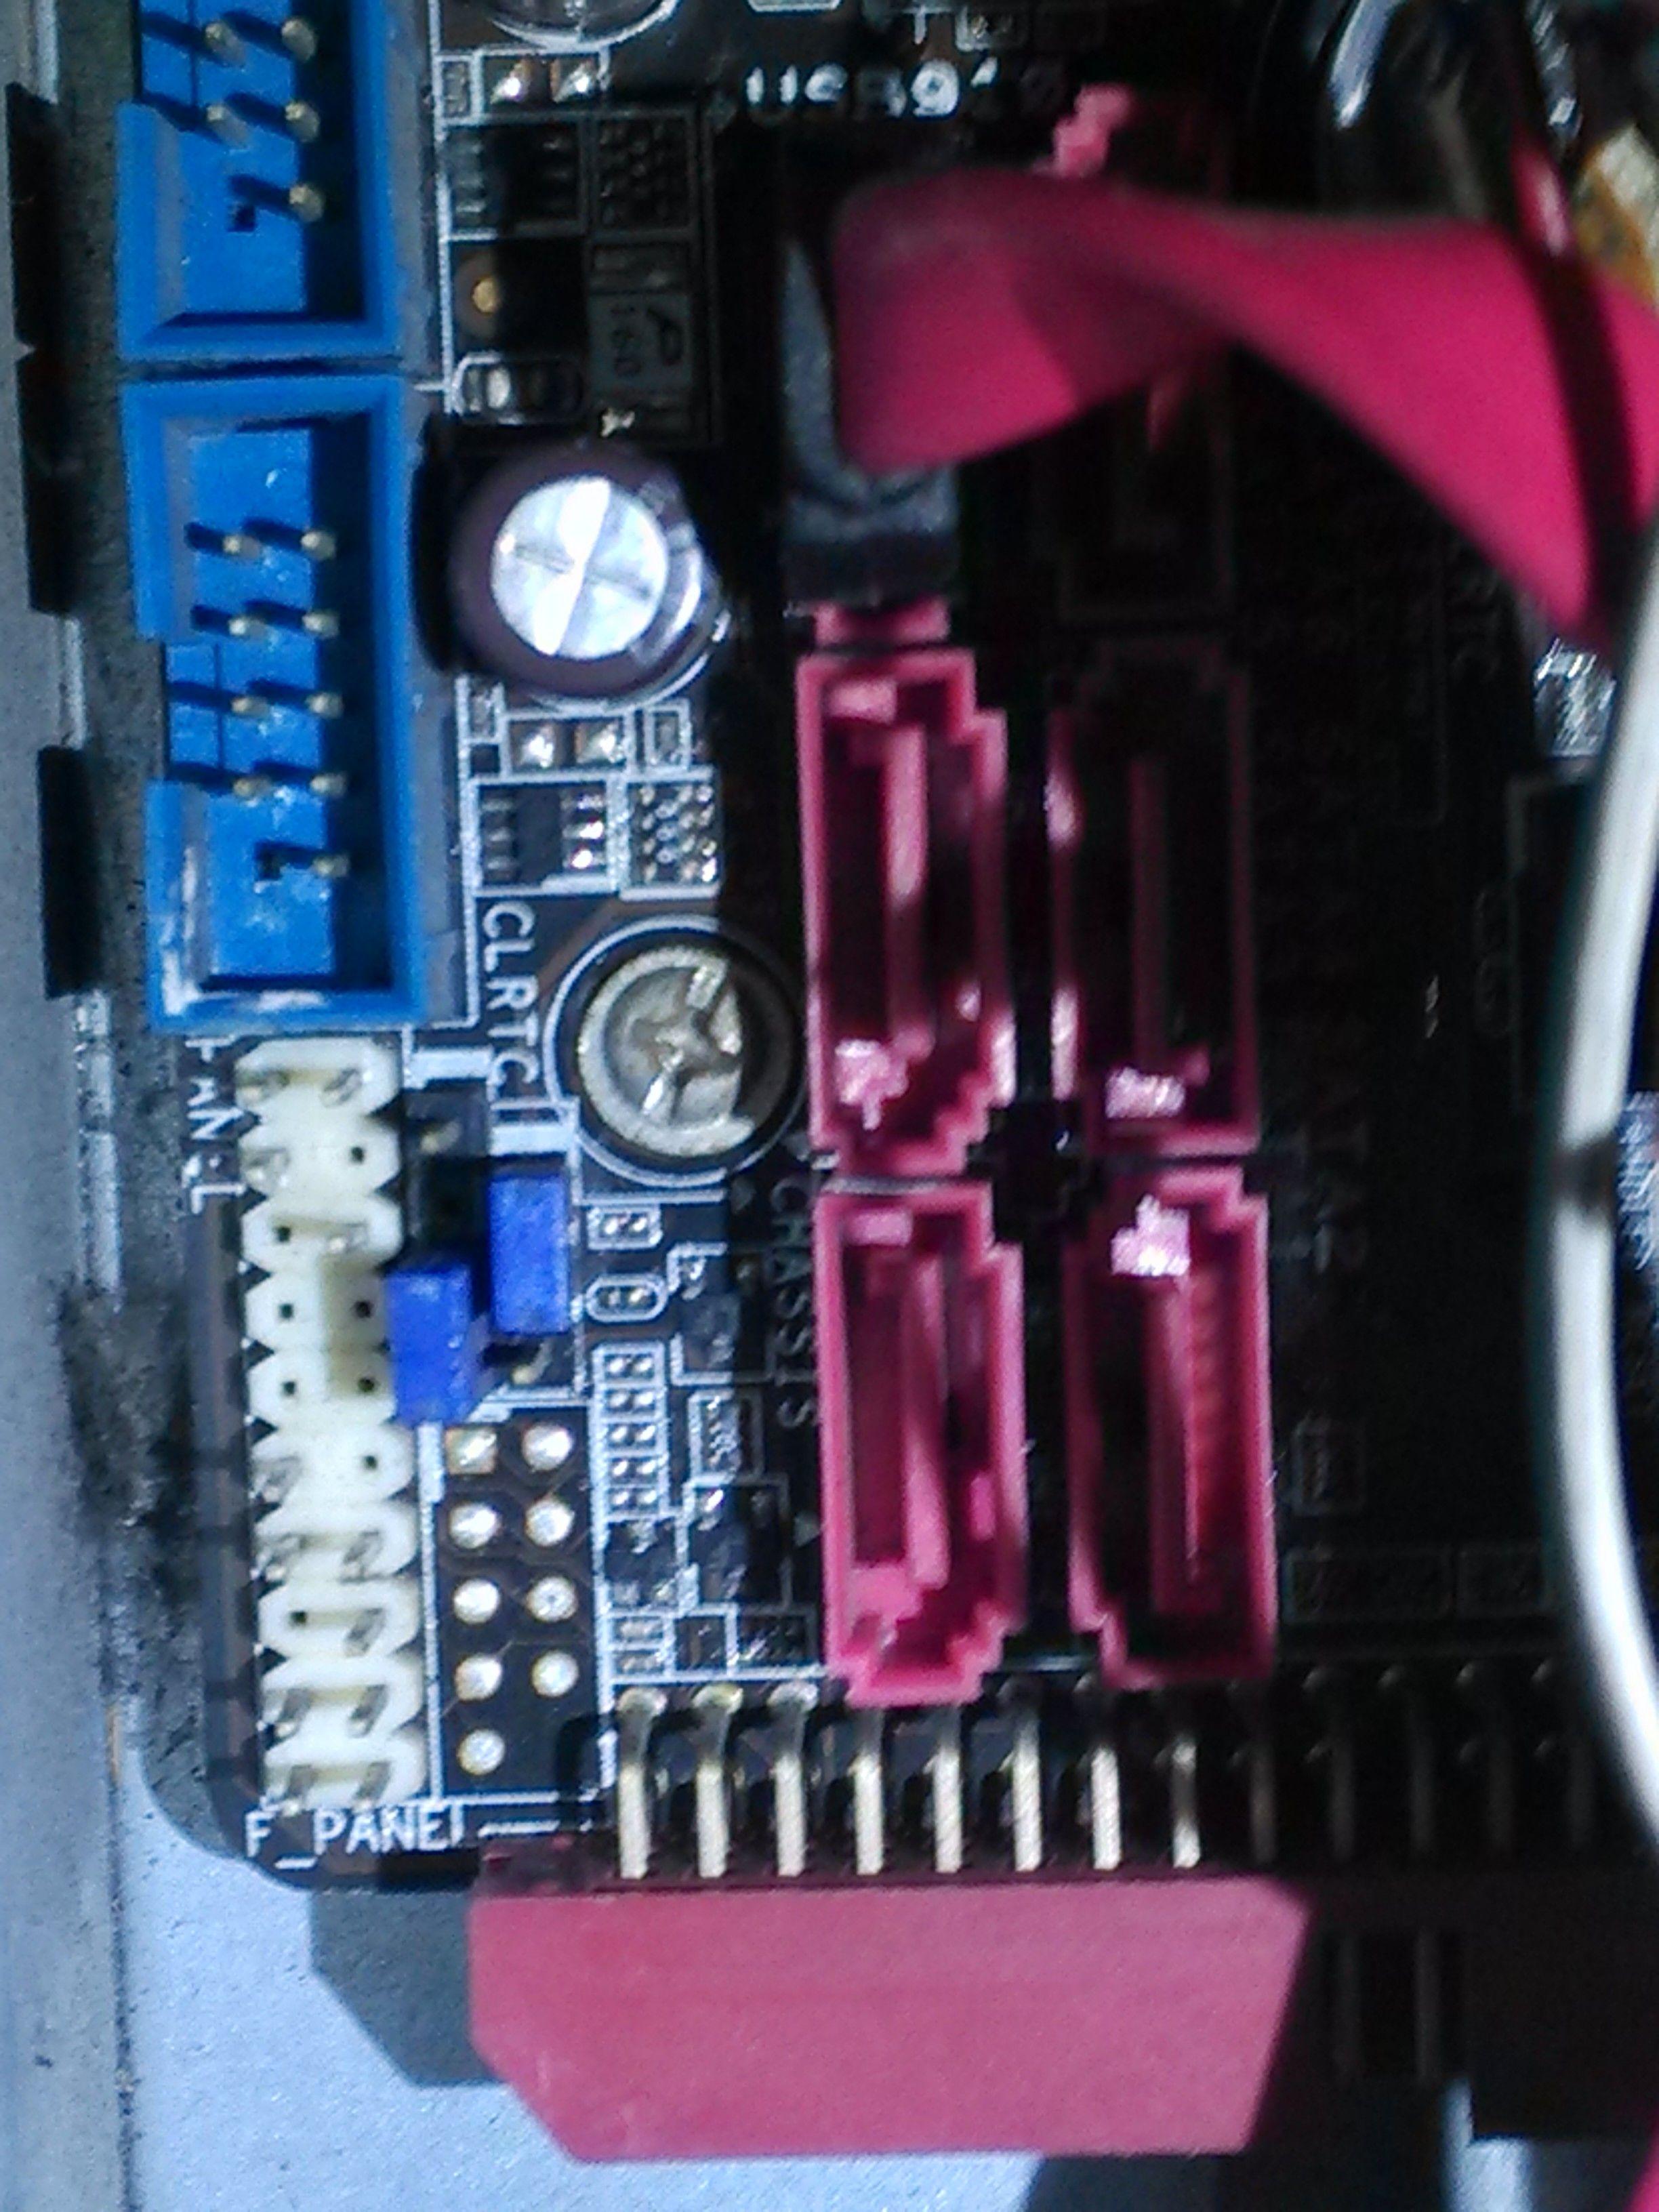 技嘉主板与机箱接线图解_h61主板电源-h61主板开机,h61主板配什么电源,梅捷h61配电源,主板h61